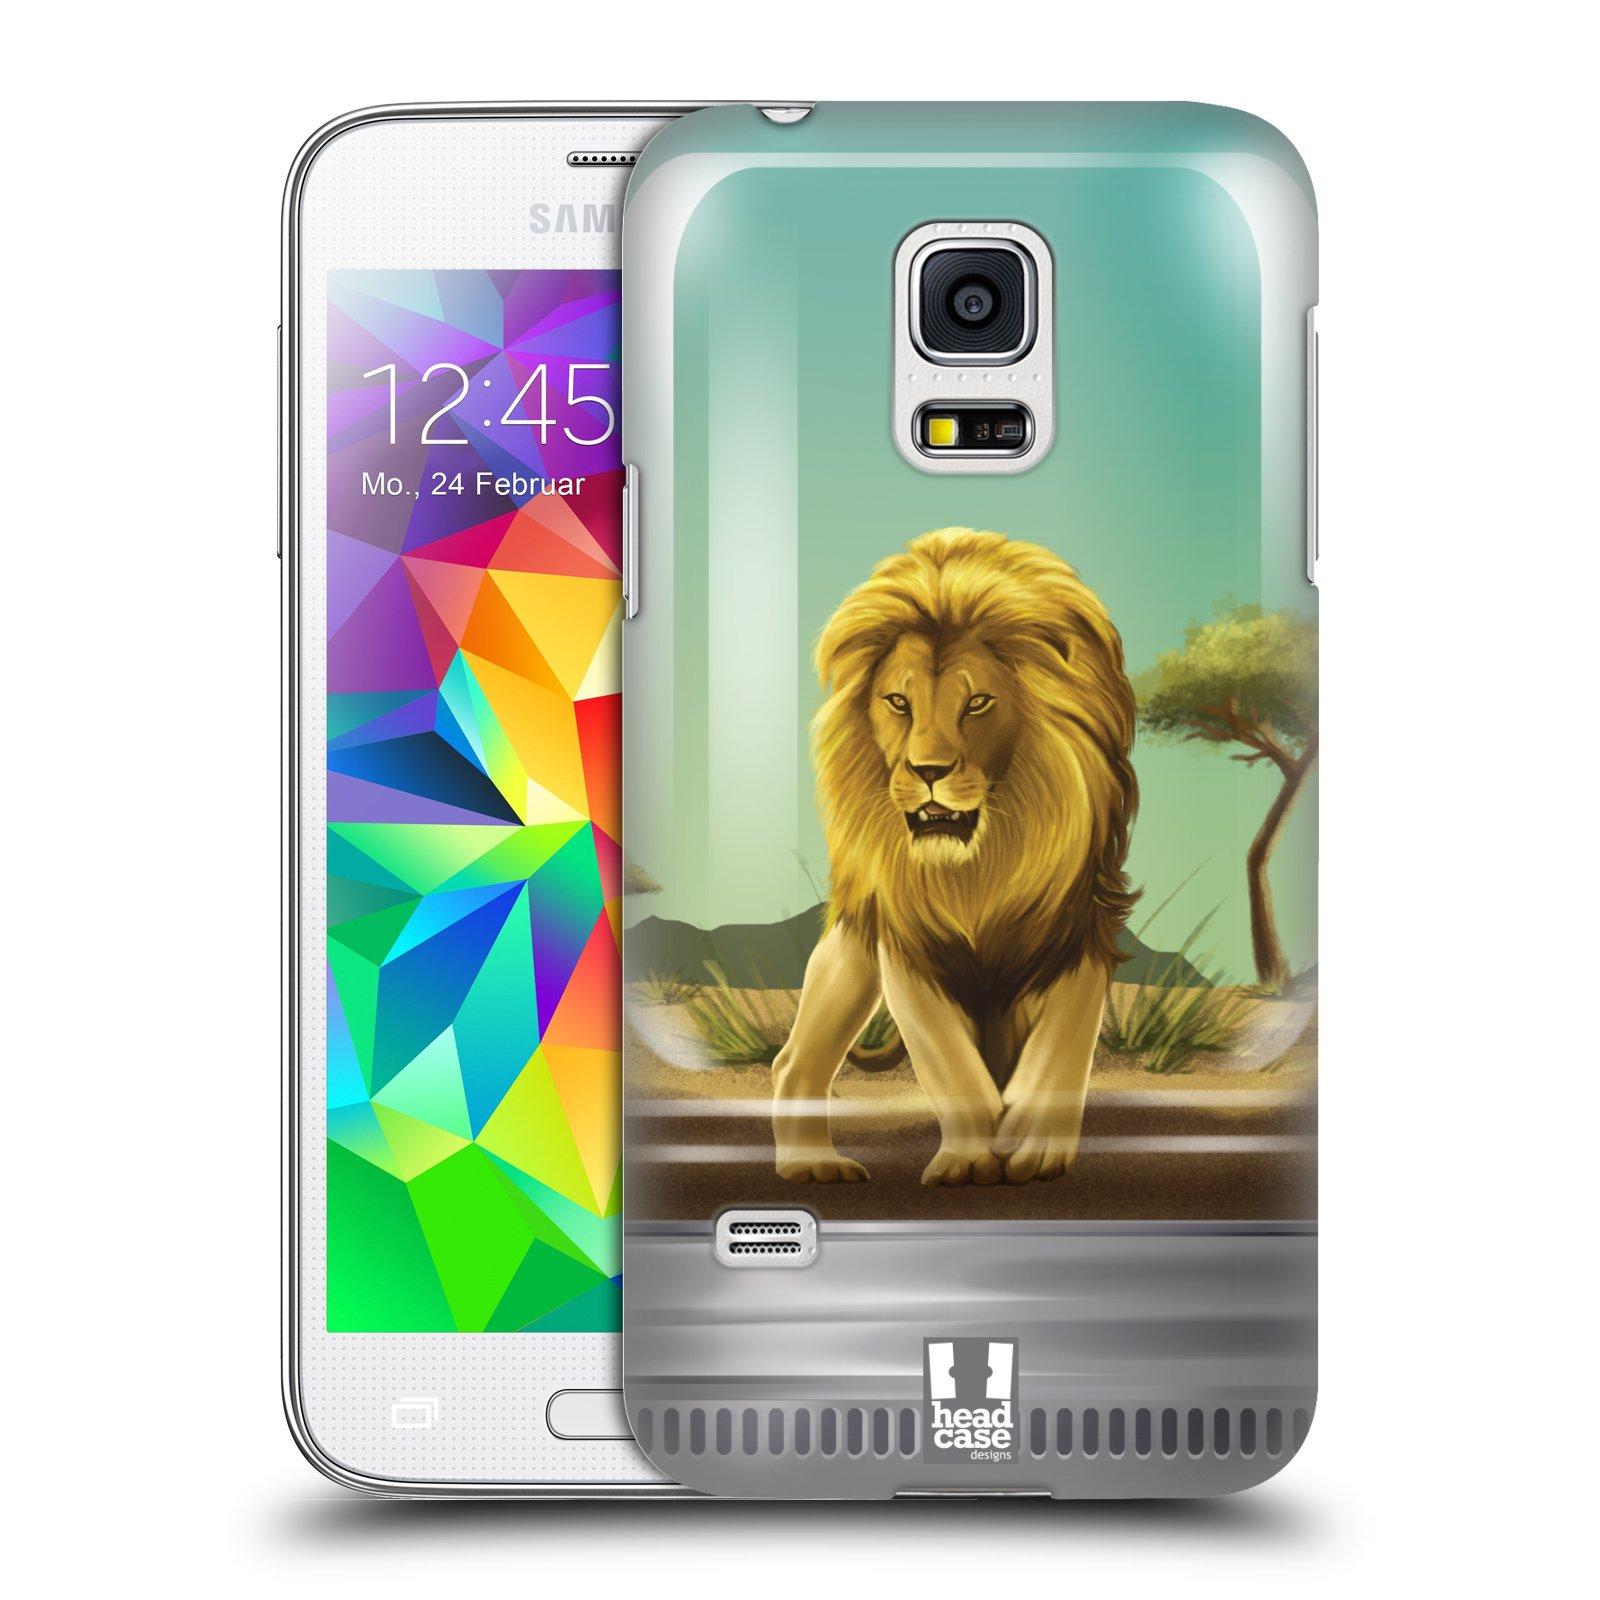 HEAD CASE plastový obal na mobil SAMSUNG Galaxy S5 MINI / S5 MINI DUOS vzor Zvířátka v těžítku lev